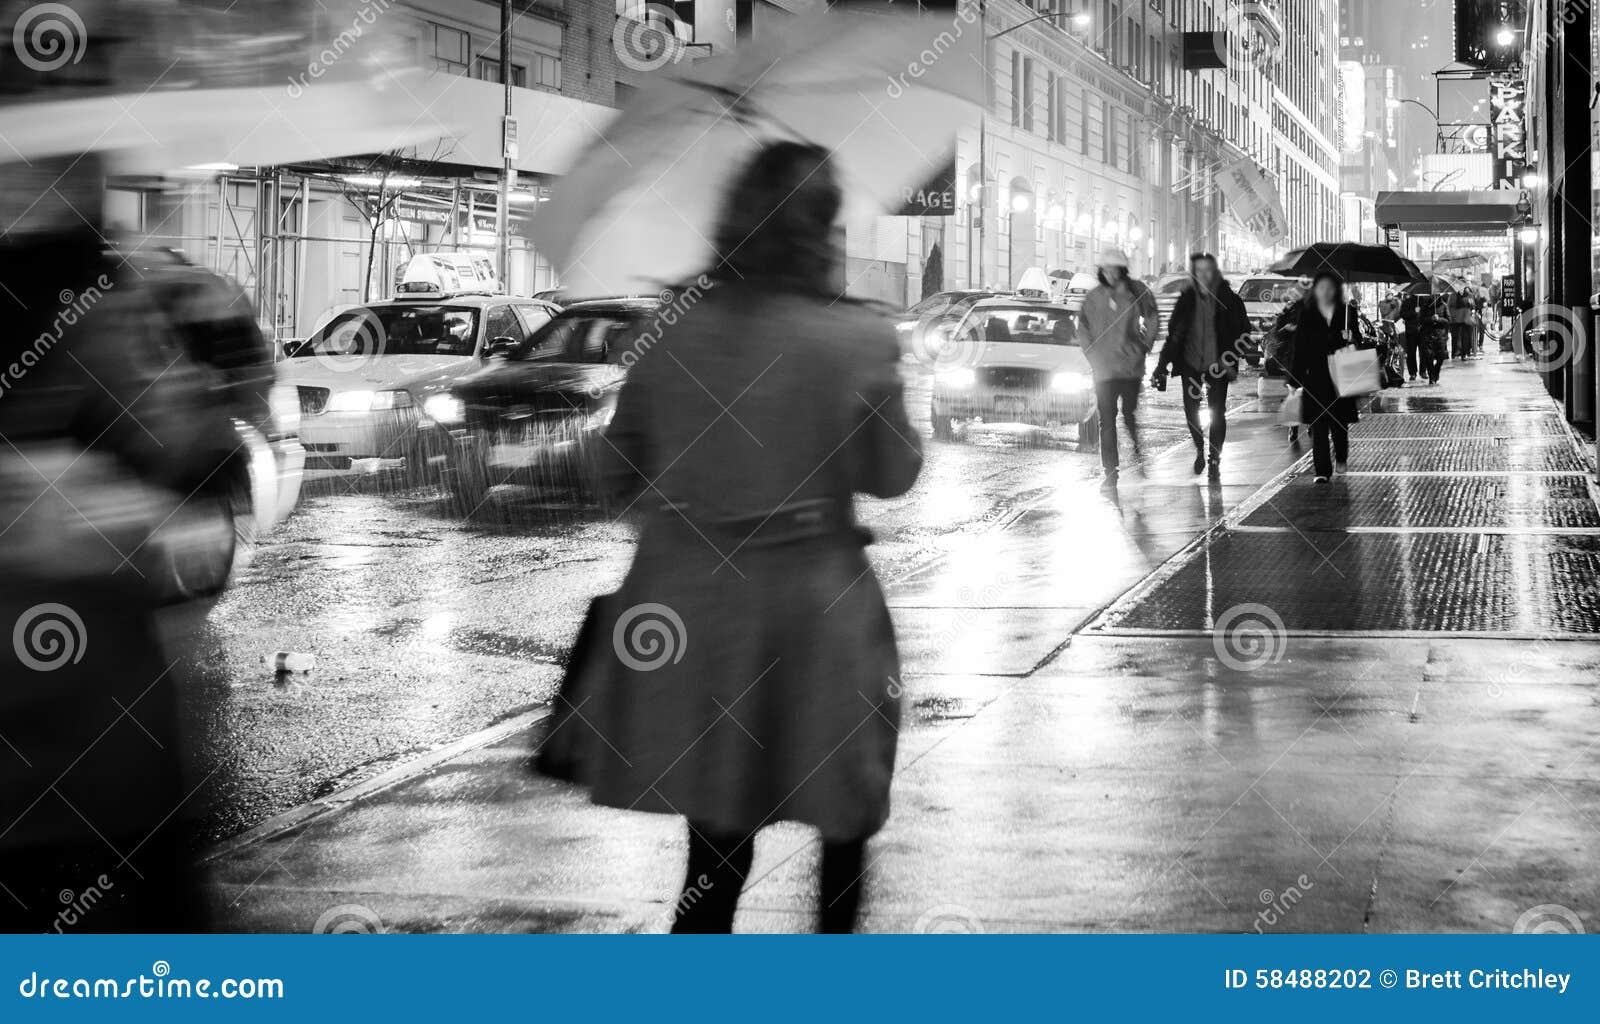 Regn på den våta stadsgatan